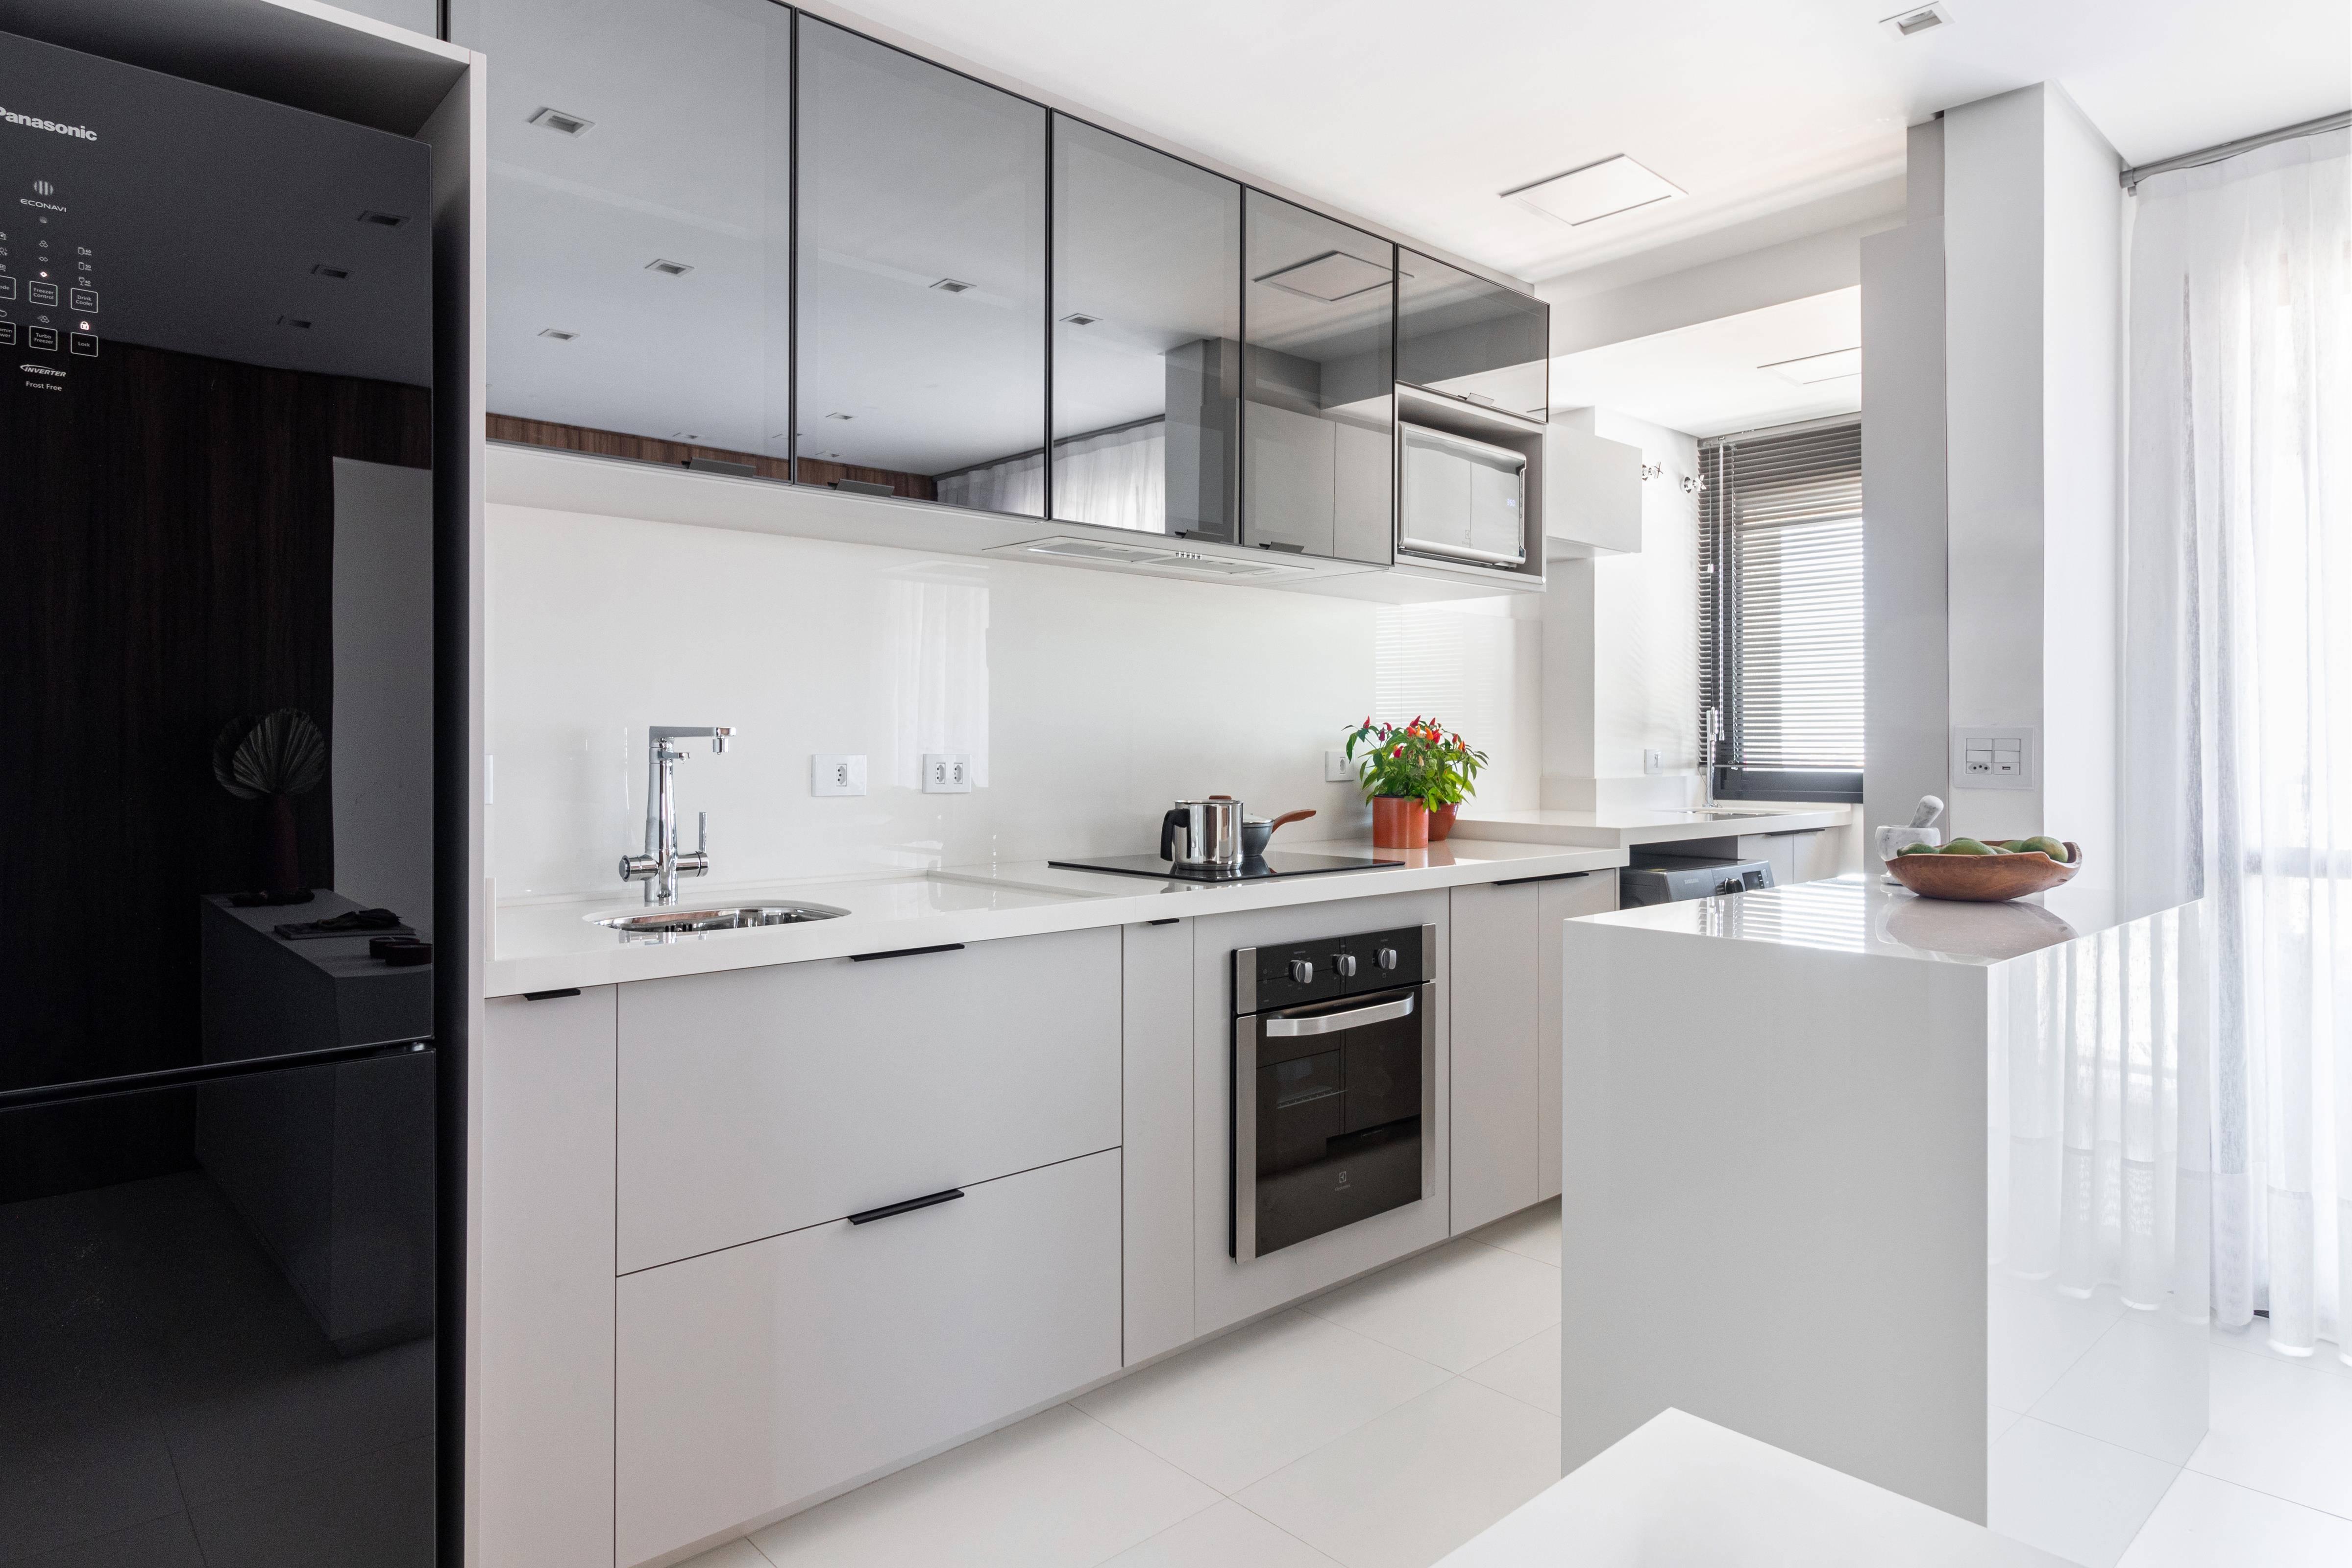 Na cozinha assinada por Julia Lis, a arquiteta optou por vidro reflecta fumê e pedra com acabamento brilhante para garantir uma essência sóbria e elegante.